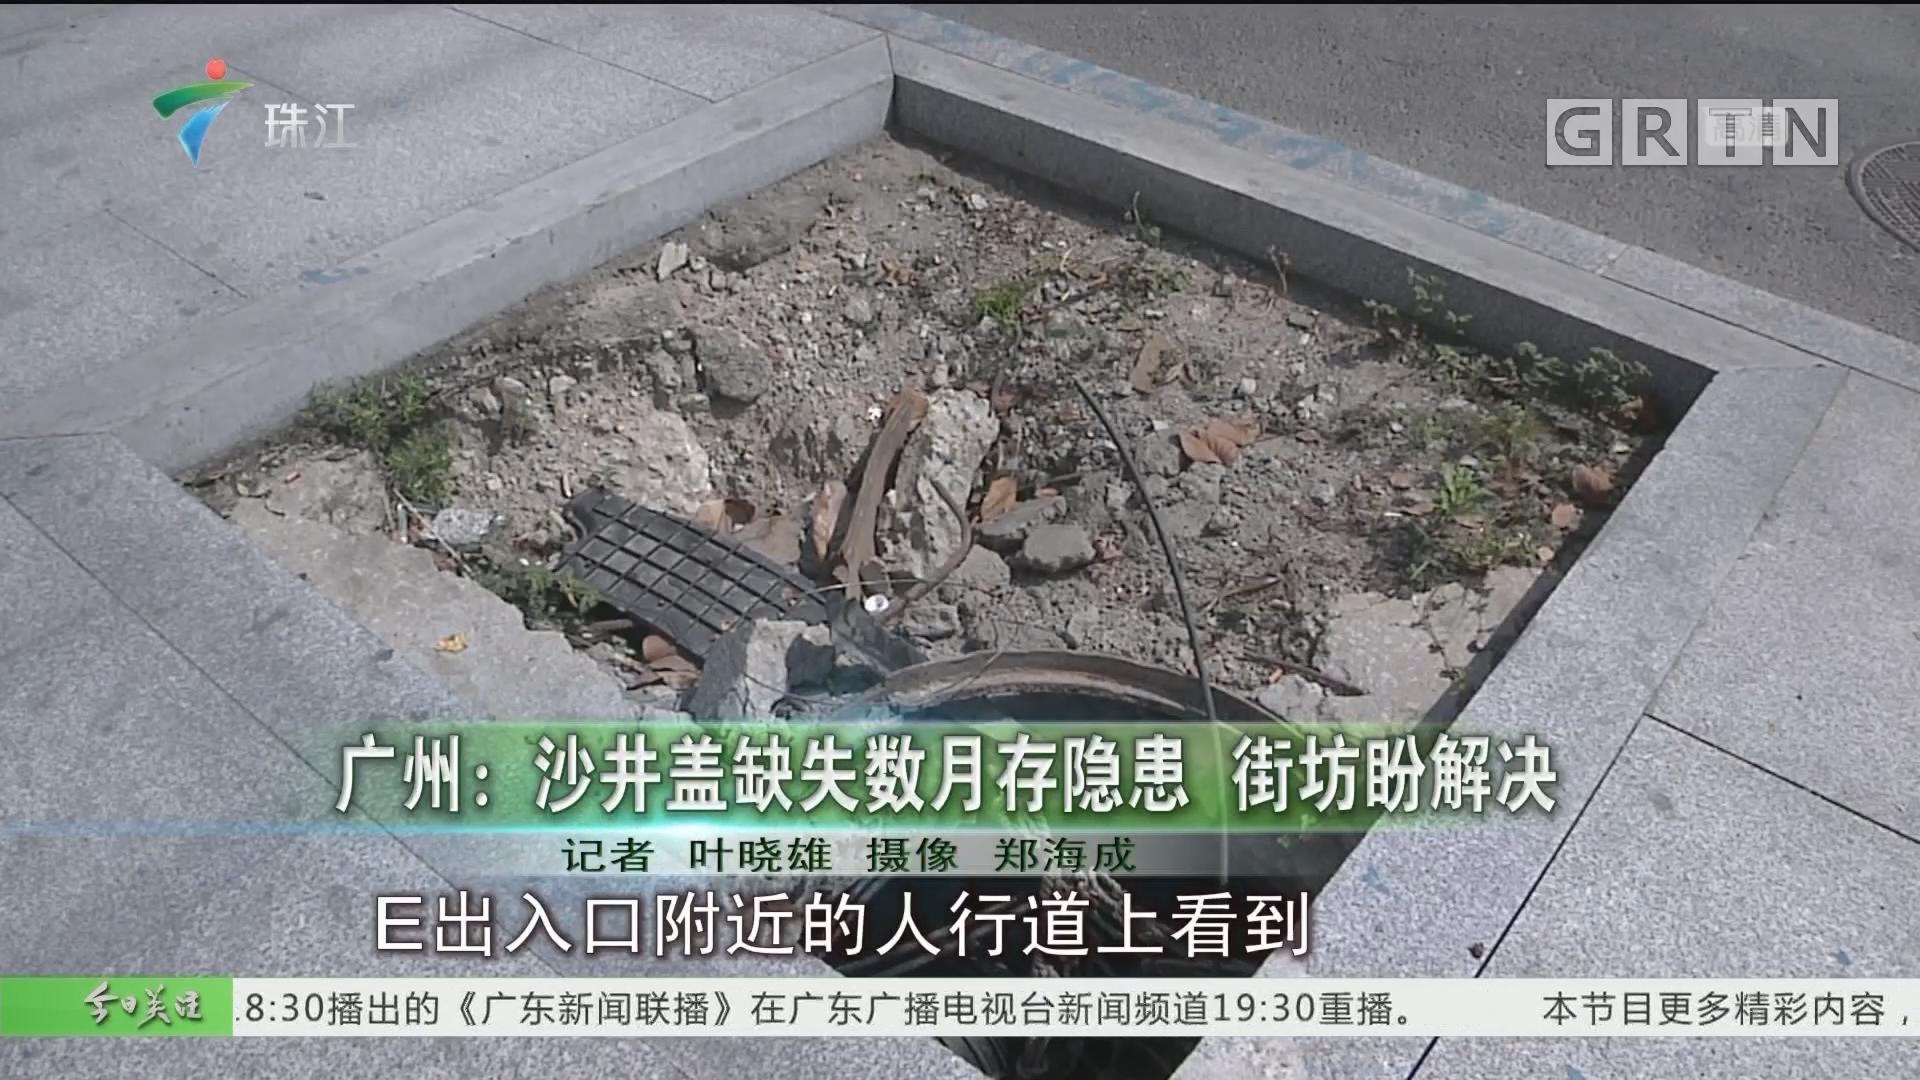 广州:沙井盖缺失数月存隐患 街坊盼解决